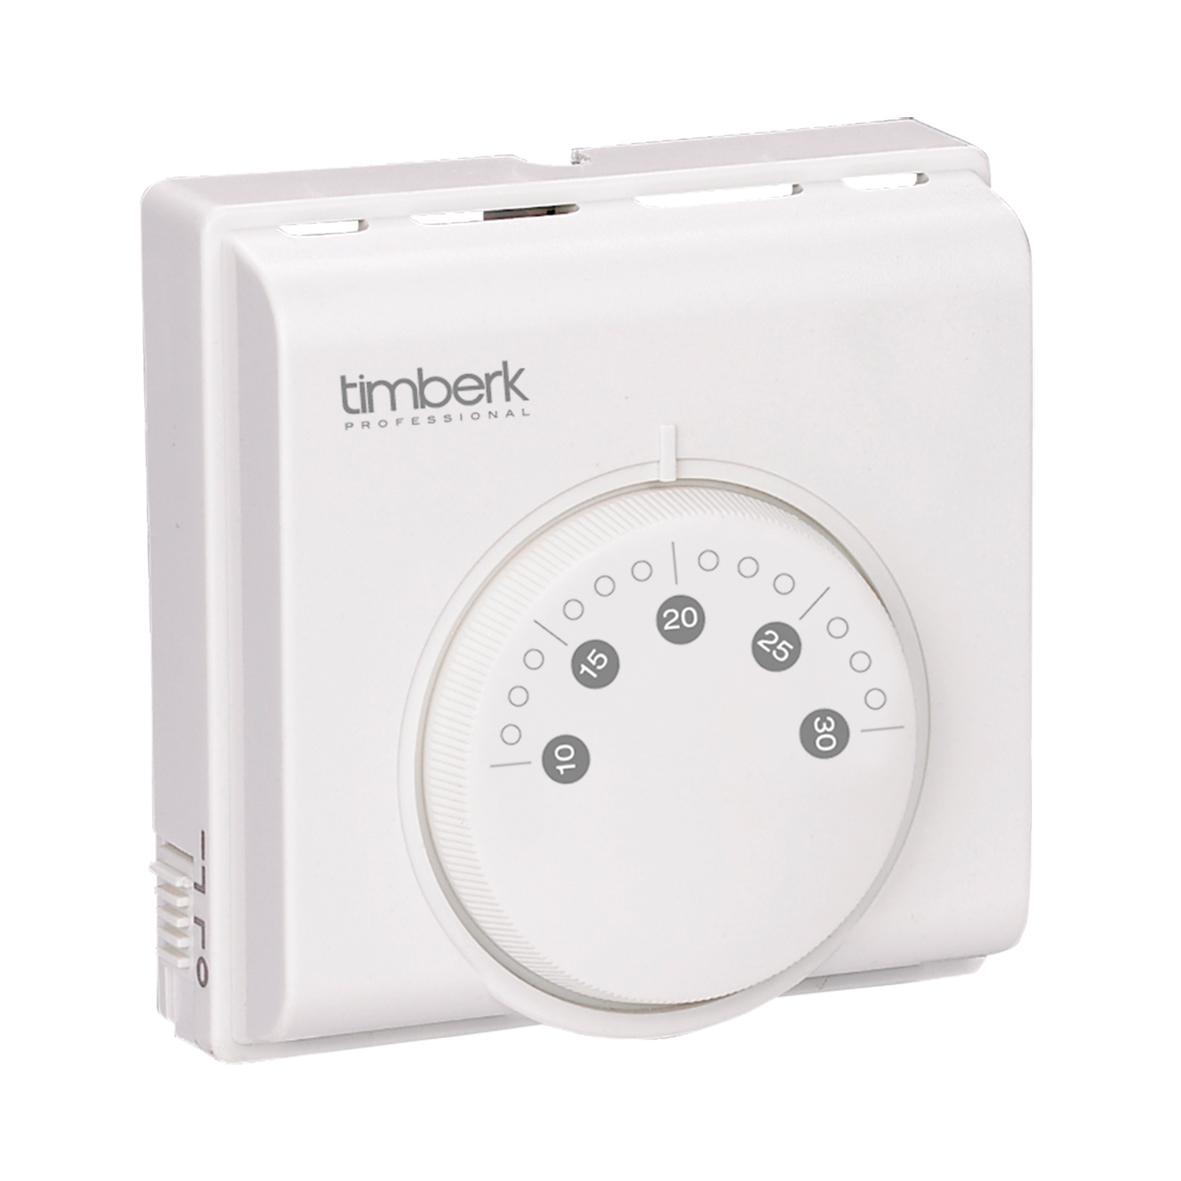 Терморегулятор Timberk Tms 09.ch